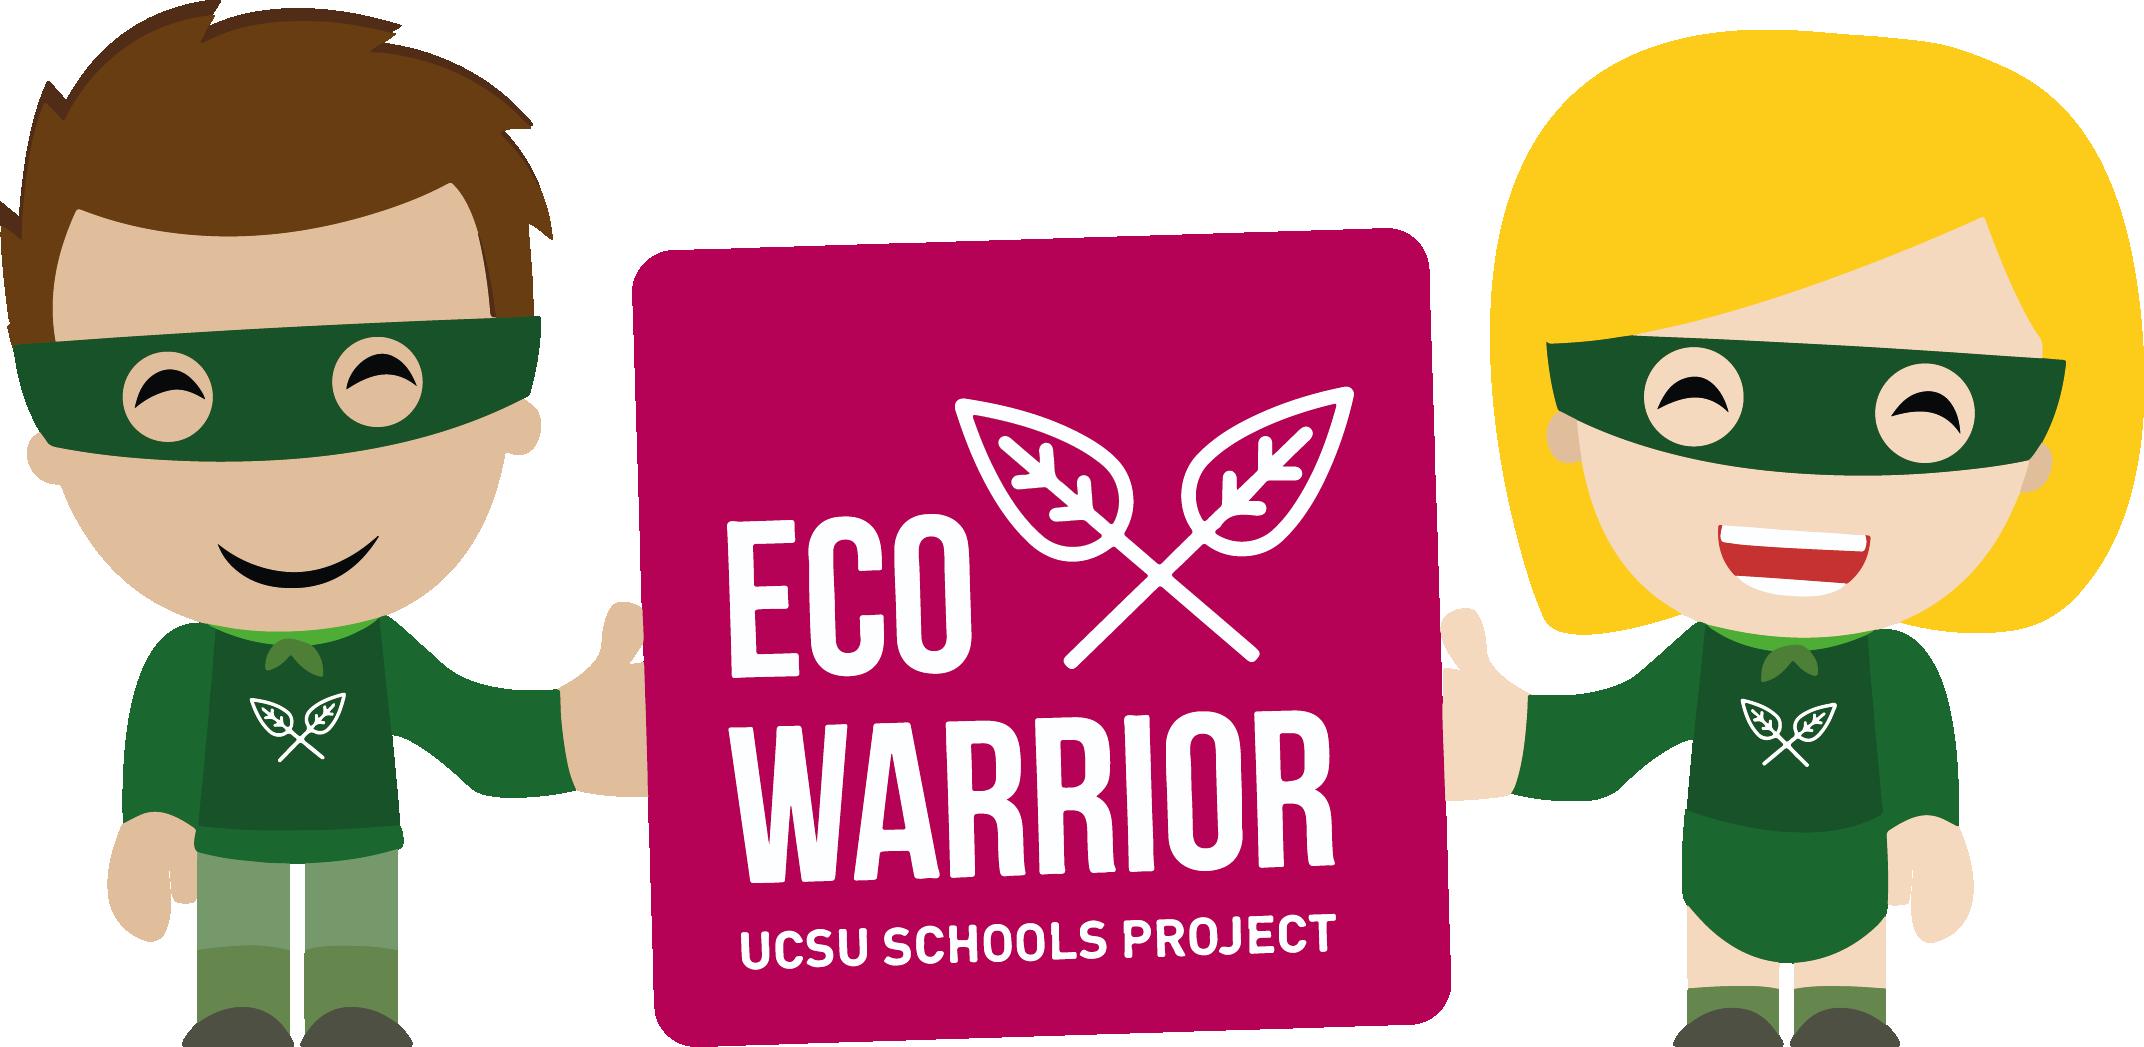 Warrior clipart little warrior. Eco warriors schools project